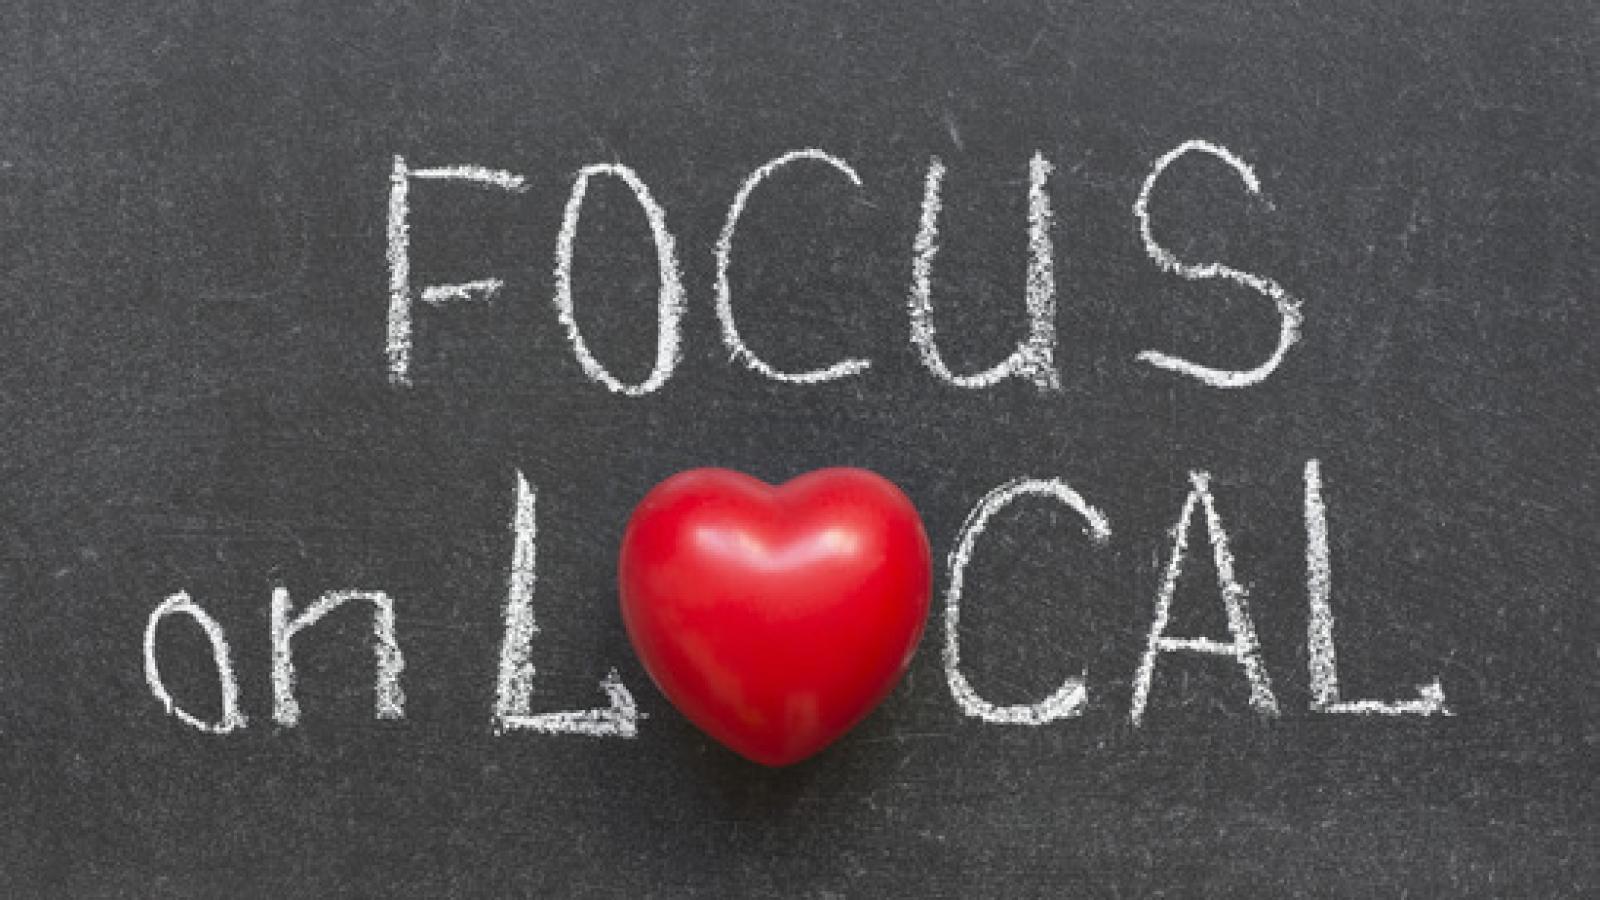 focus on local